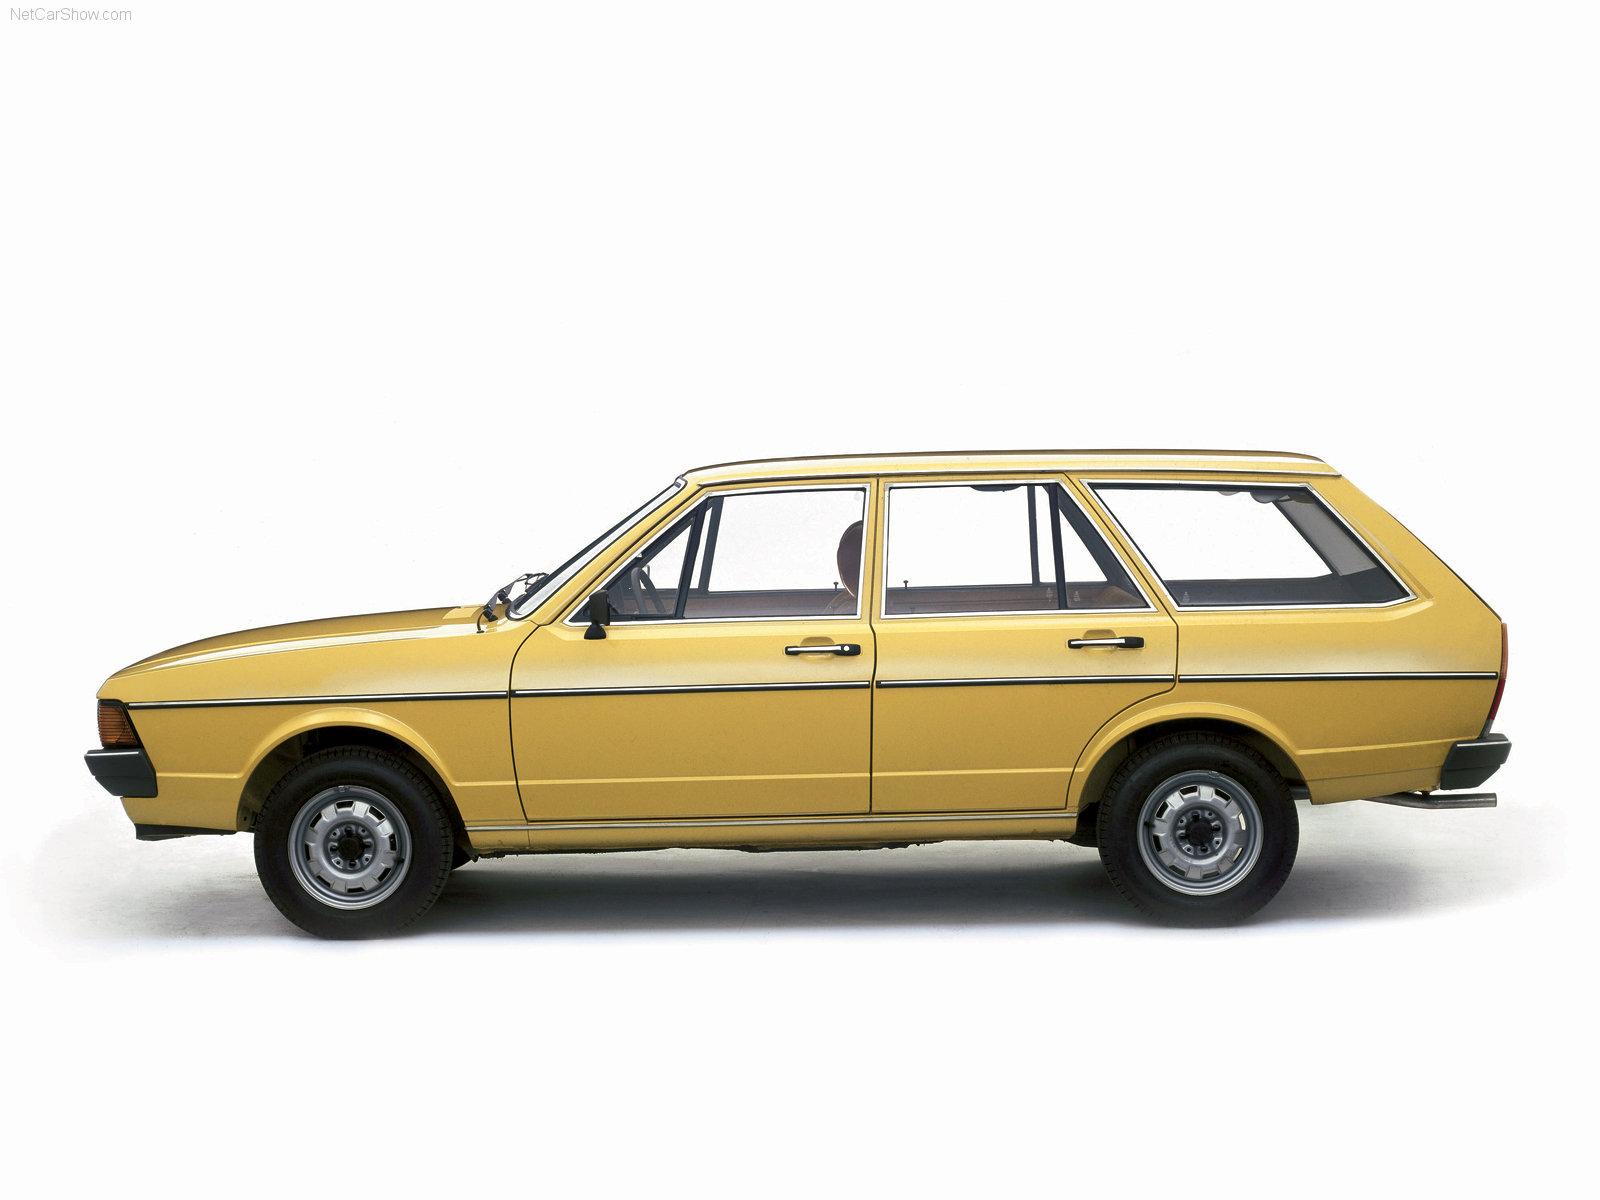 Volkswagen Passat Variant Pagenstecher De Deine Automeile Im Netz